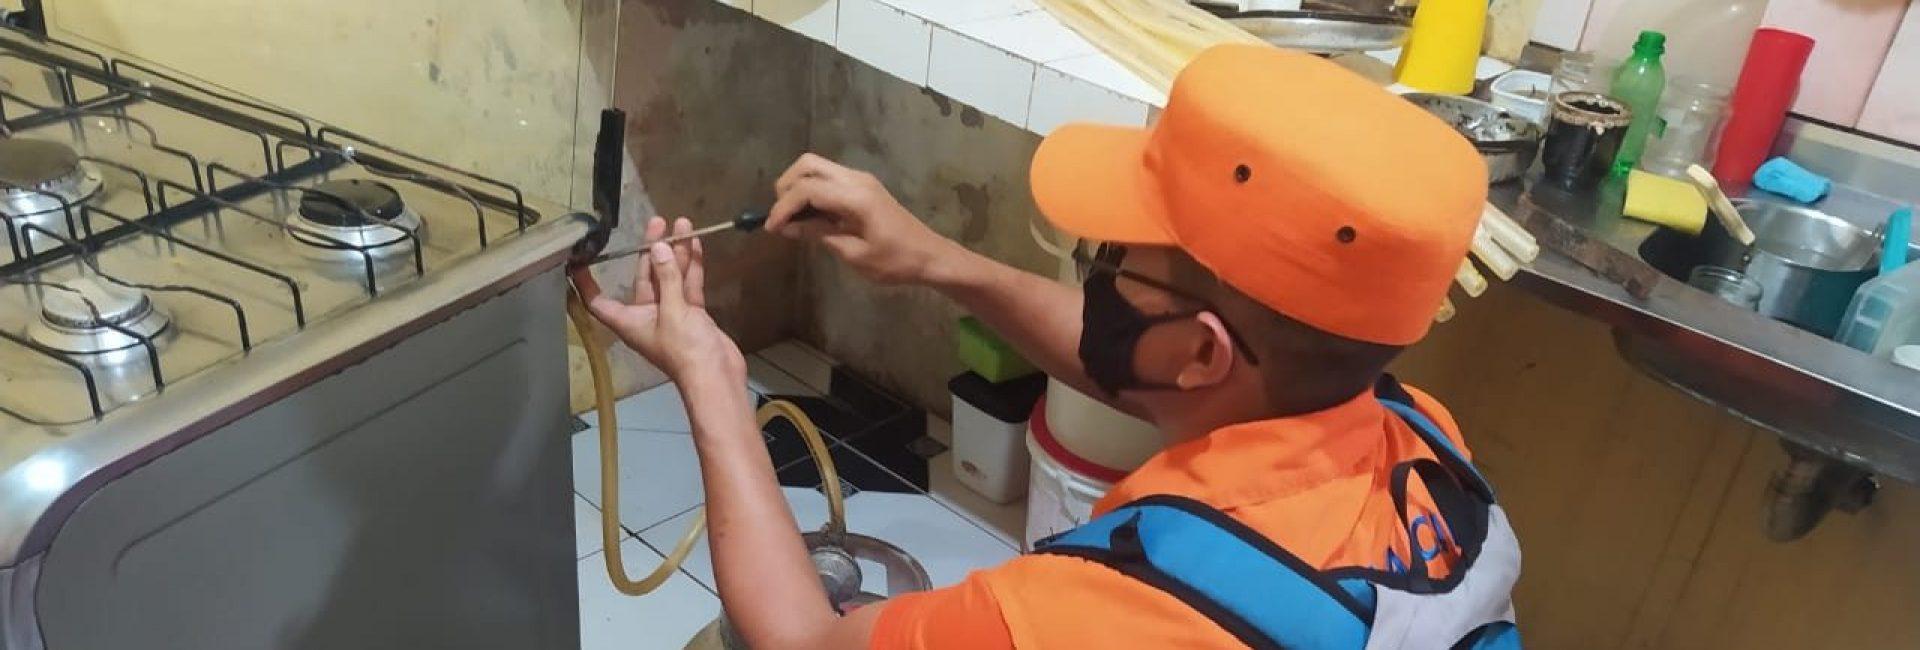 DEFESA CIVIL PROMOVE VISITAS E DISTRIBUIÇÃO DE KITS GÁS NO ICUÍ, EM ANANINDEUA